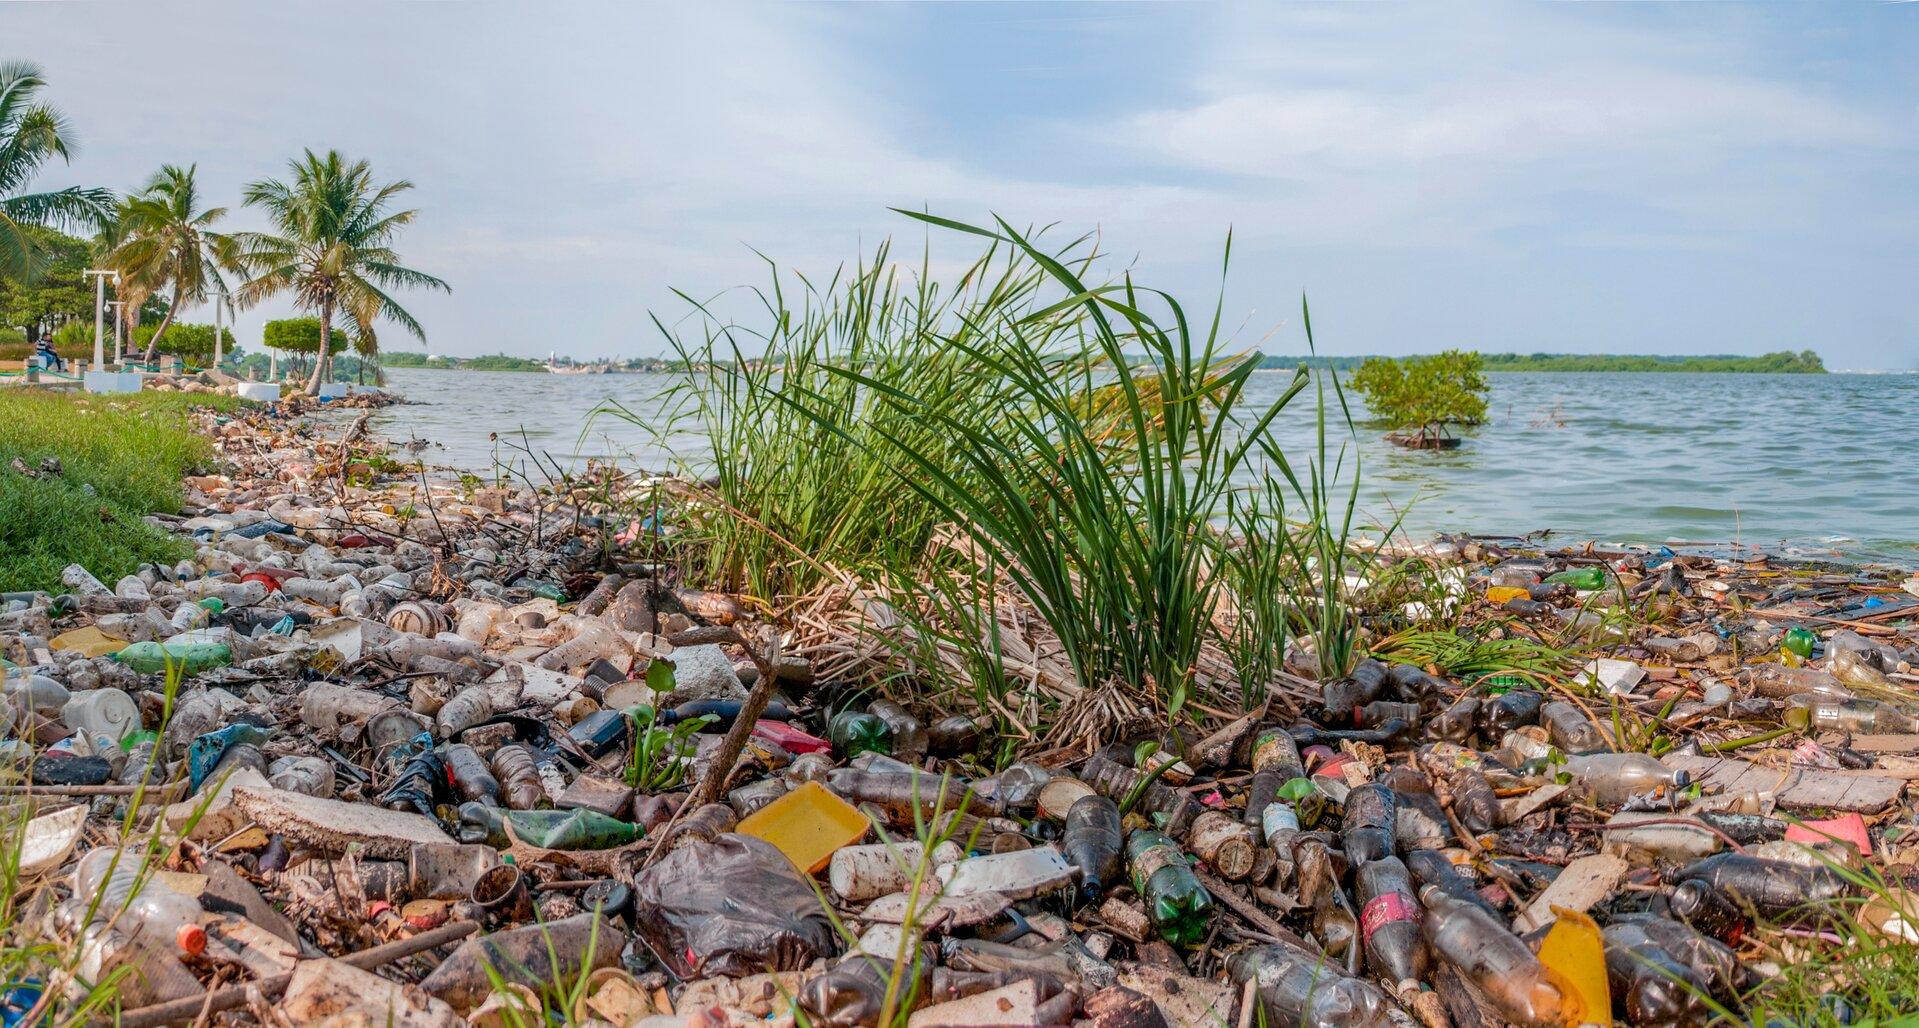 Zdjęcie zanieczyszczonego odpadami brzegu jeziora. Głównie plastikowe butelki. Wtle pojedyncze palmy na brzegu jeziora. Na drugim planie odległy brzeg jeziora porośnięty lasem.